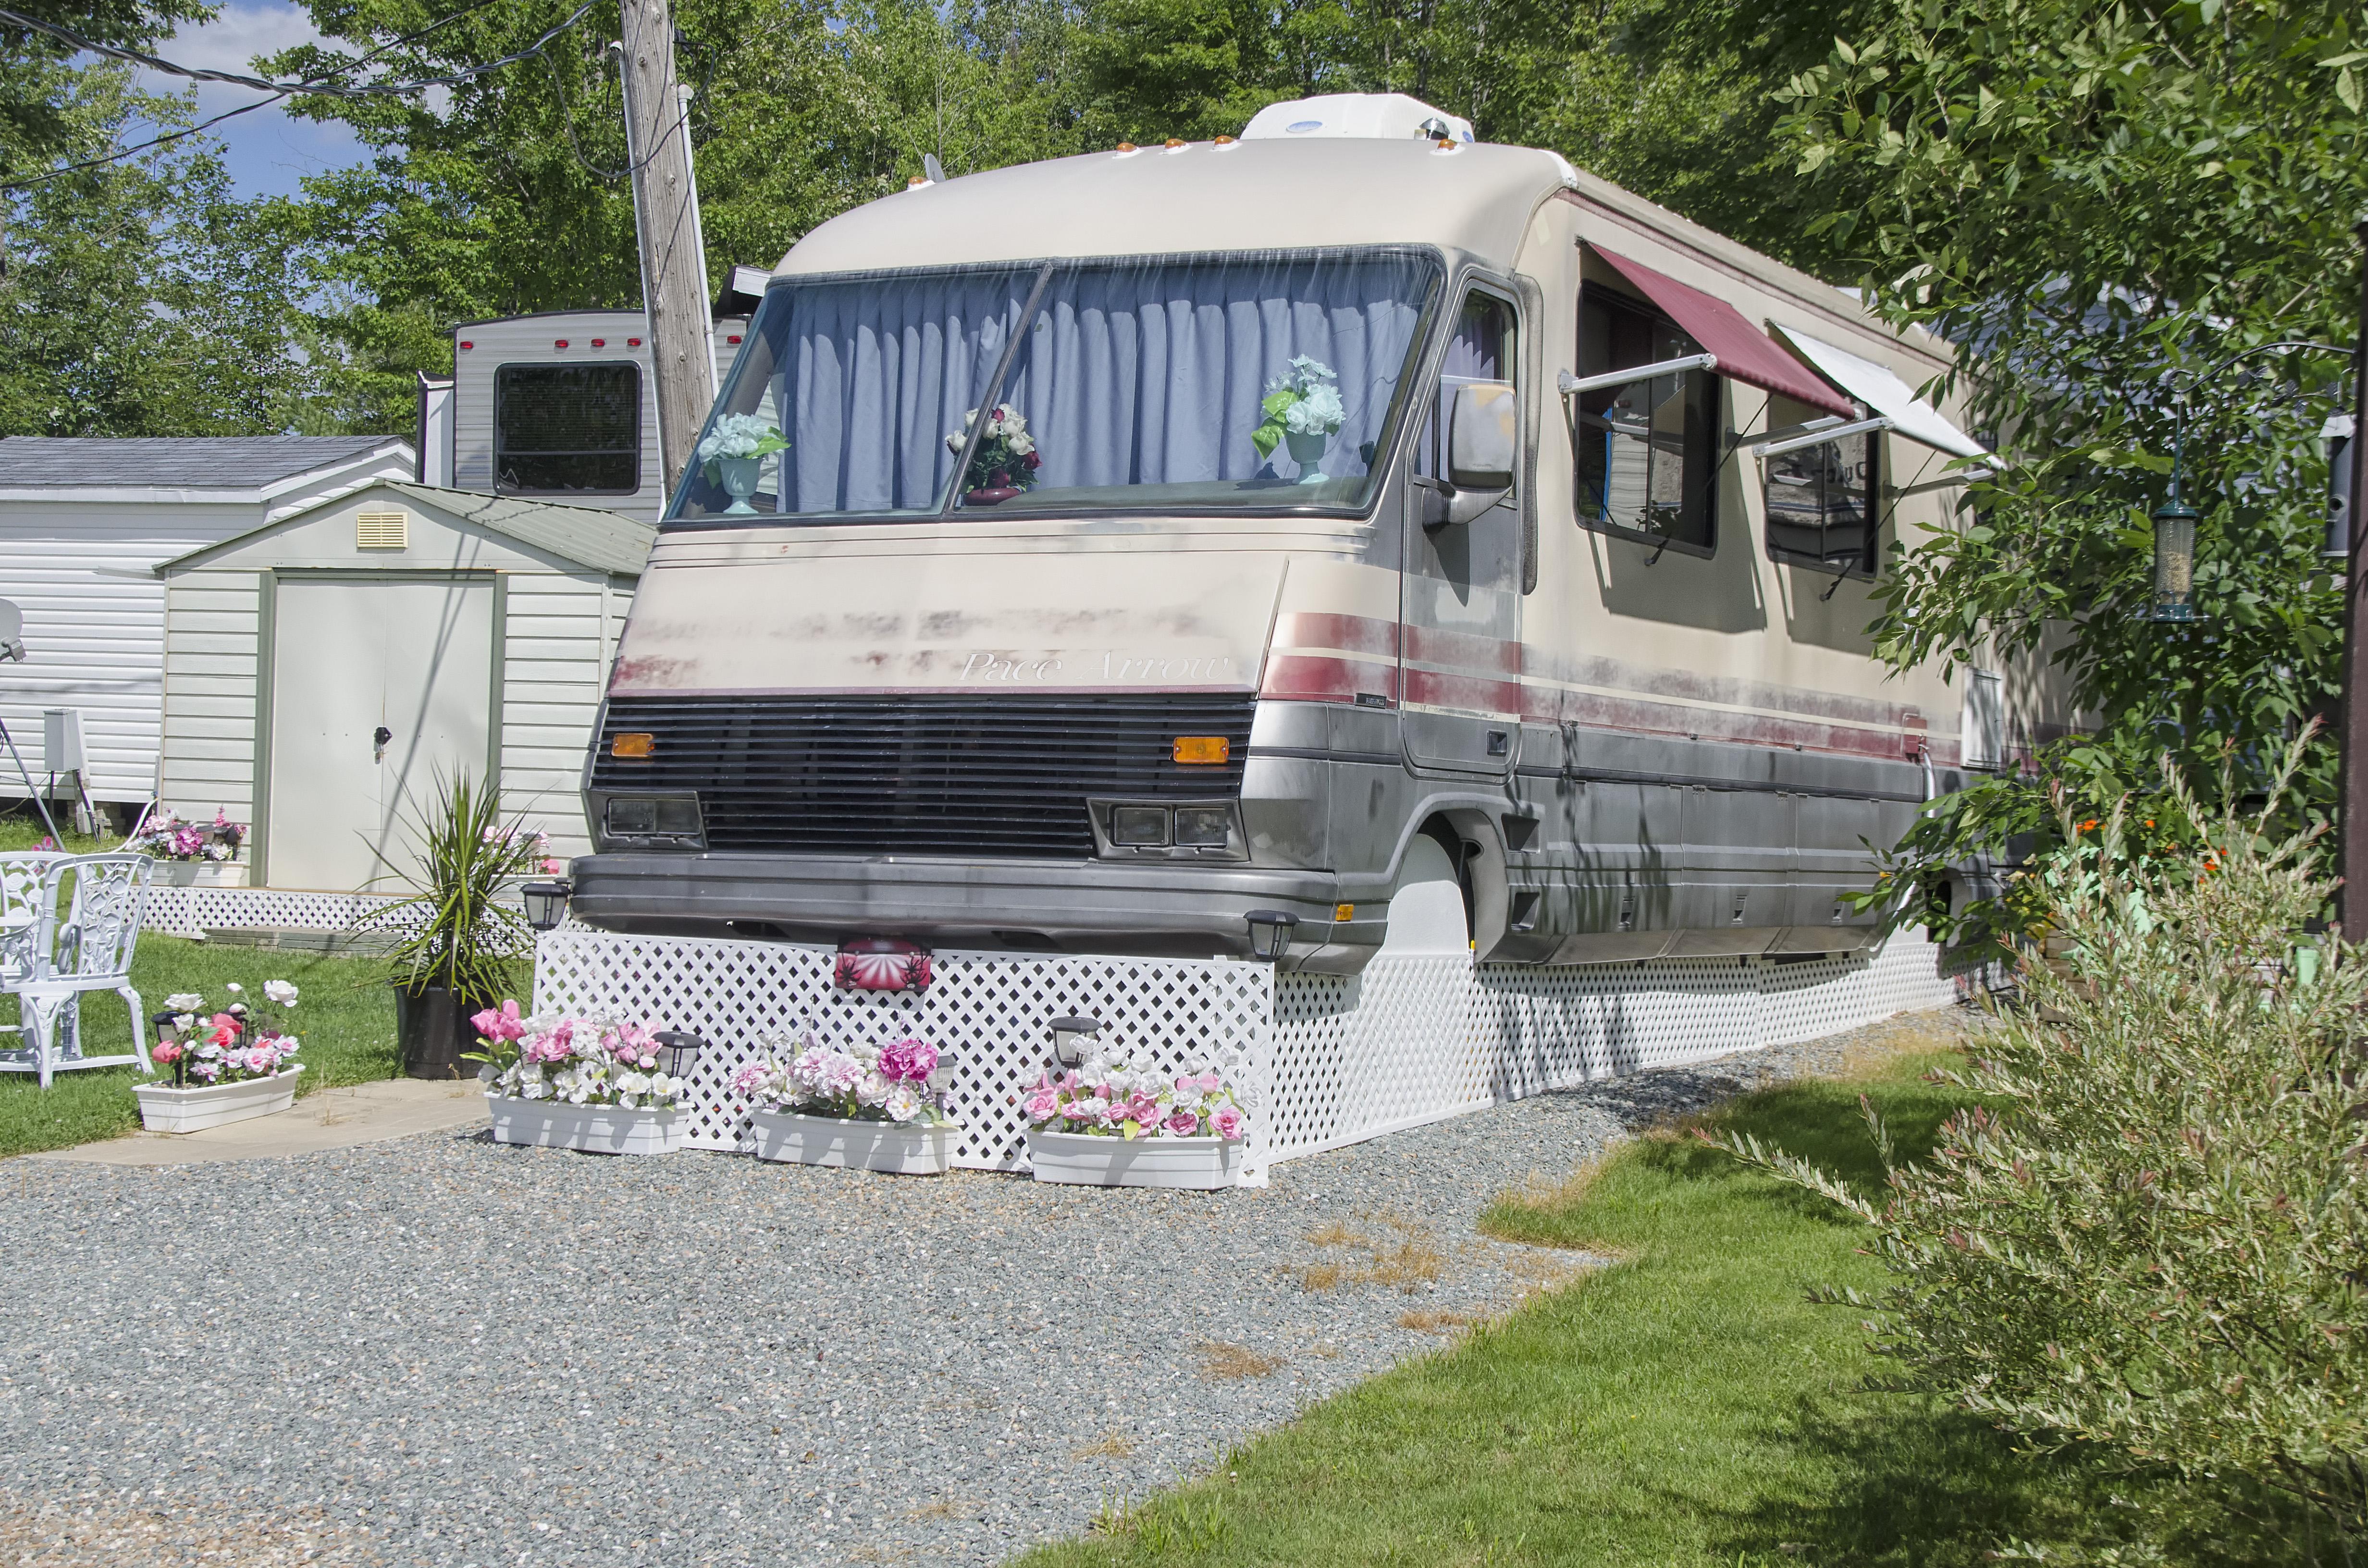 Images Gratuites : voiture, maison, un camion, transport public ...